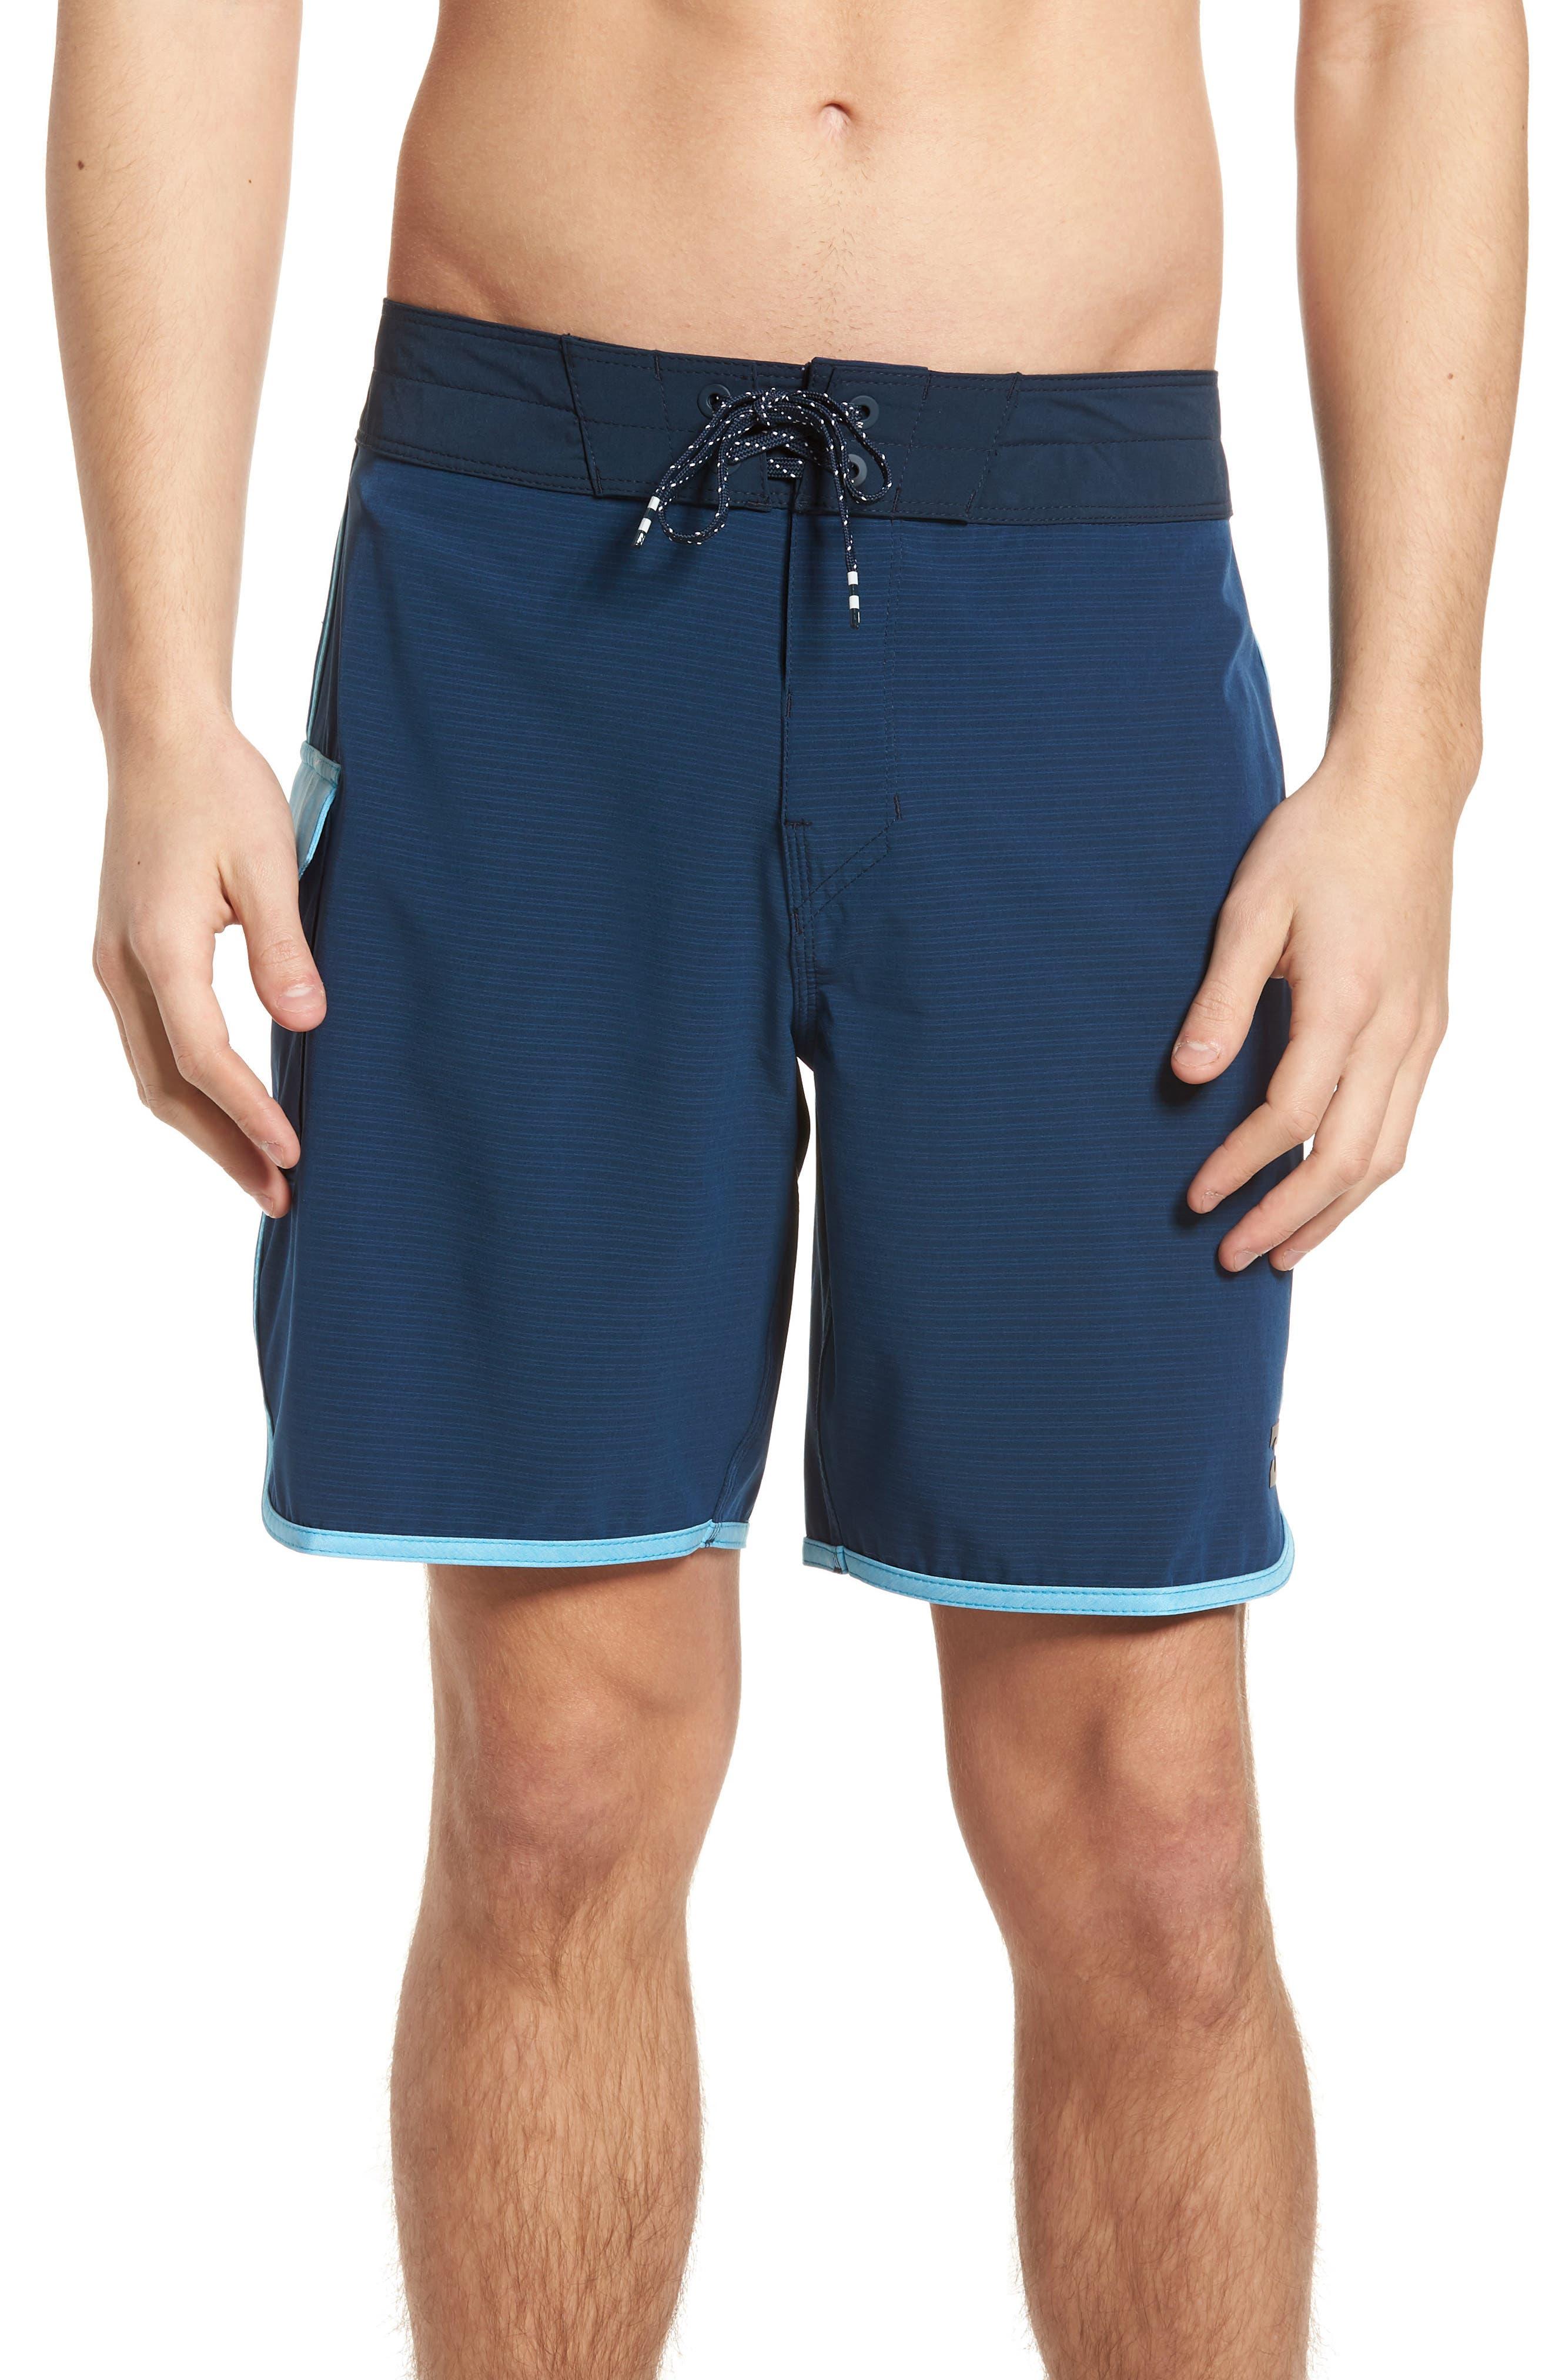 73 X Short Board Shorts,                             Main thumbnail 1, color,                             Navy